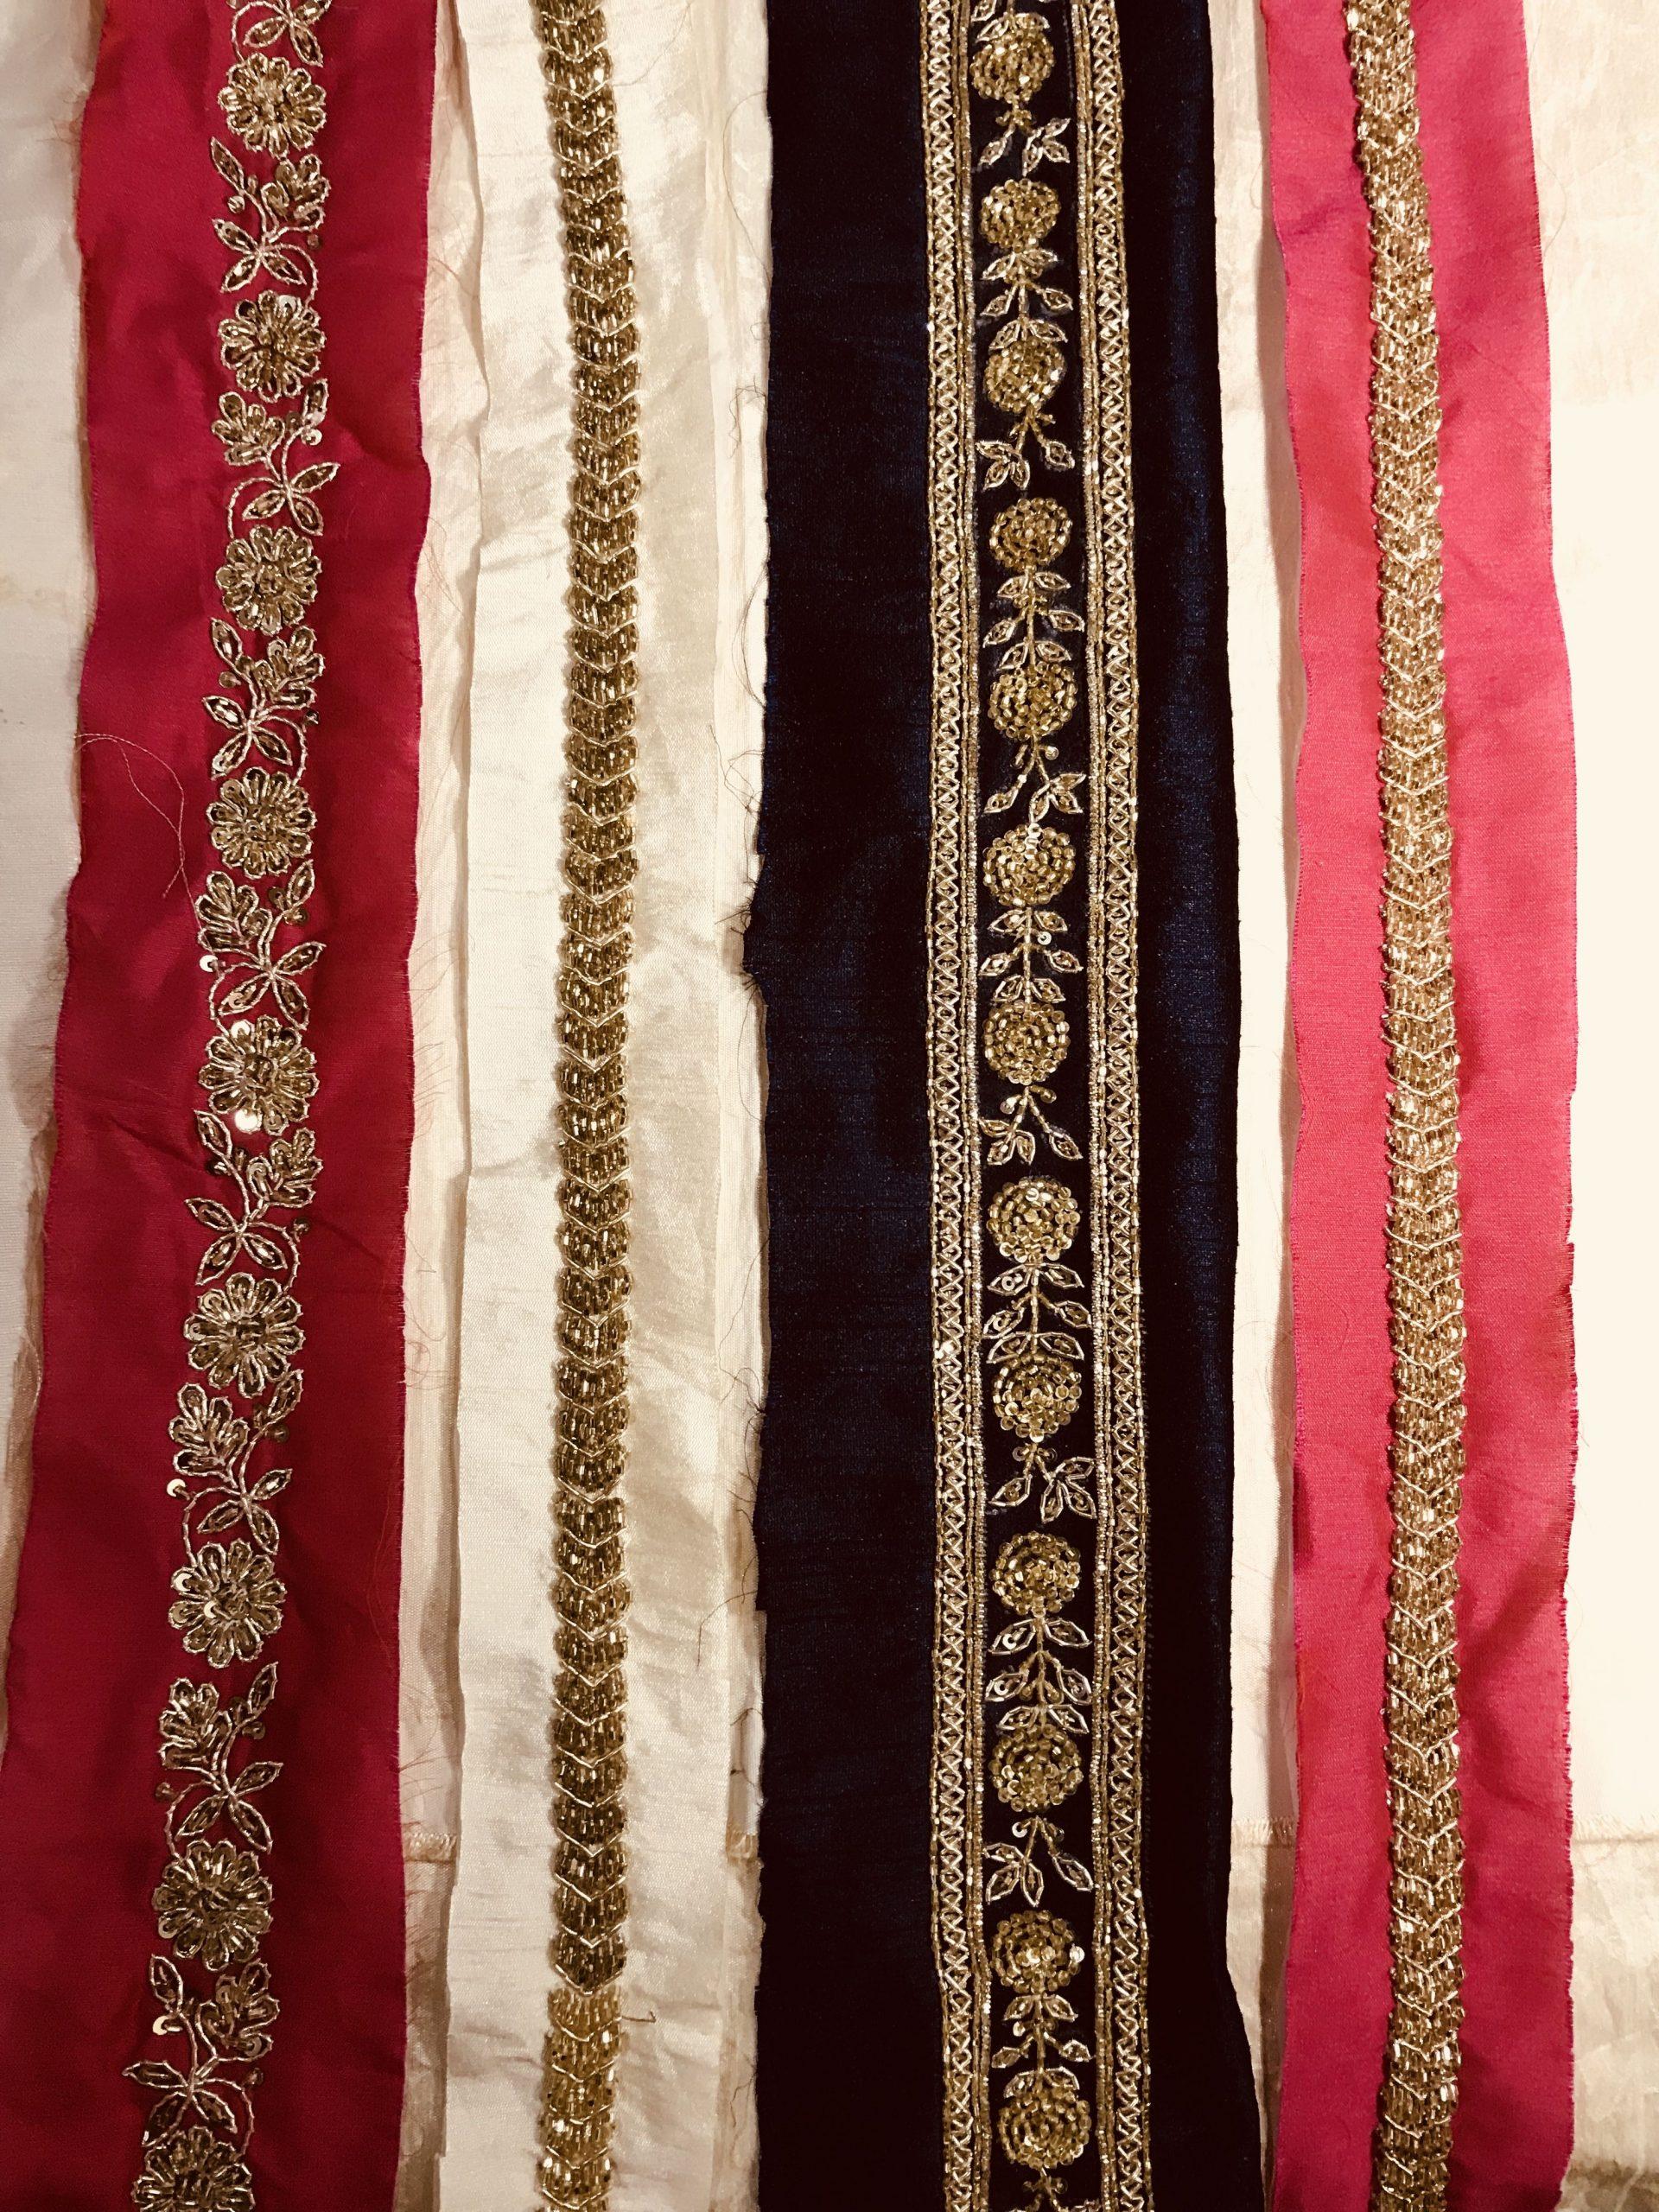 Saree Borders- 5 Art Varieties of Them